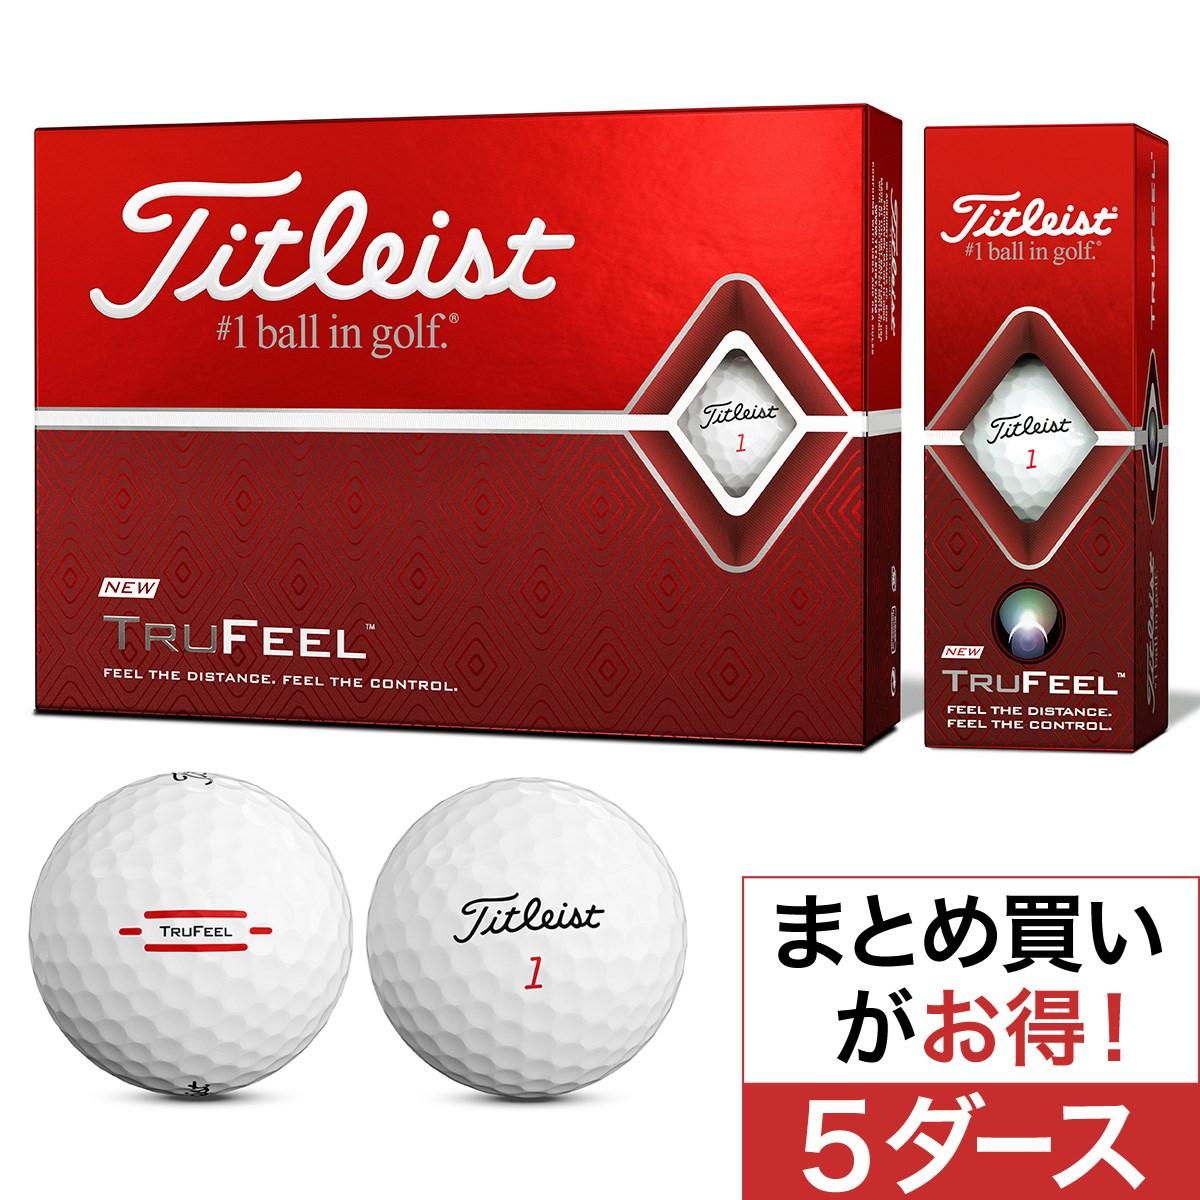 タイトリスト(Titleist) TRUFEEL ボール 5ダースセット